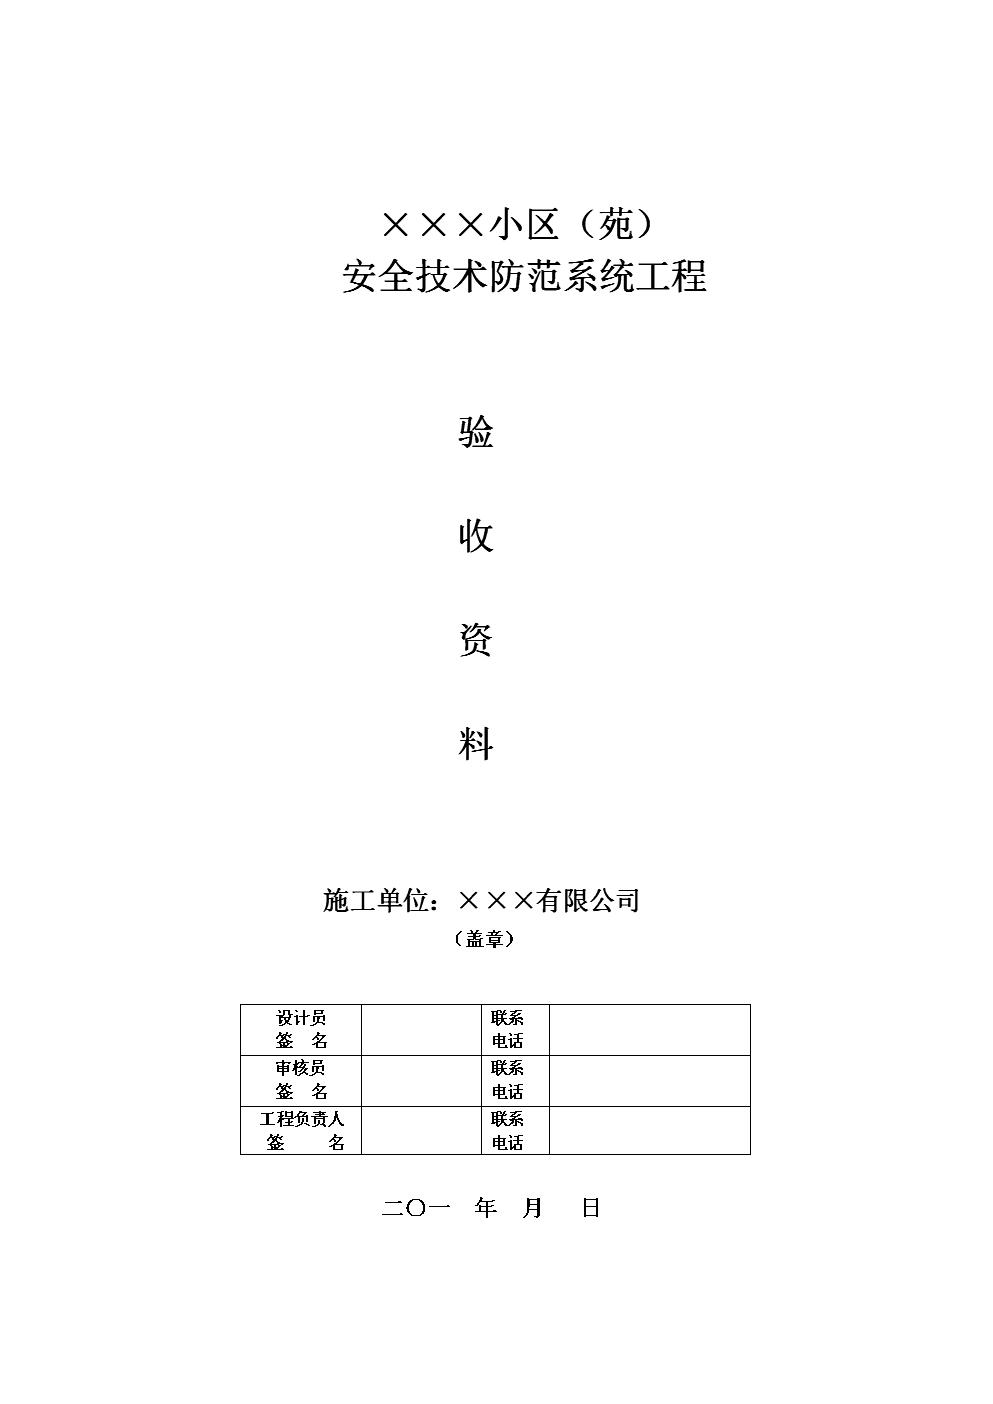 小区(苑)安全防范系统竣工验收资料1.doc